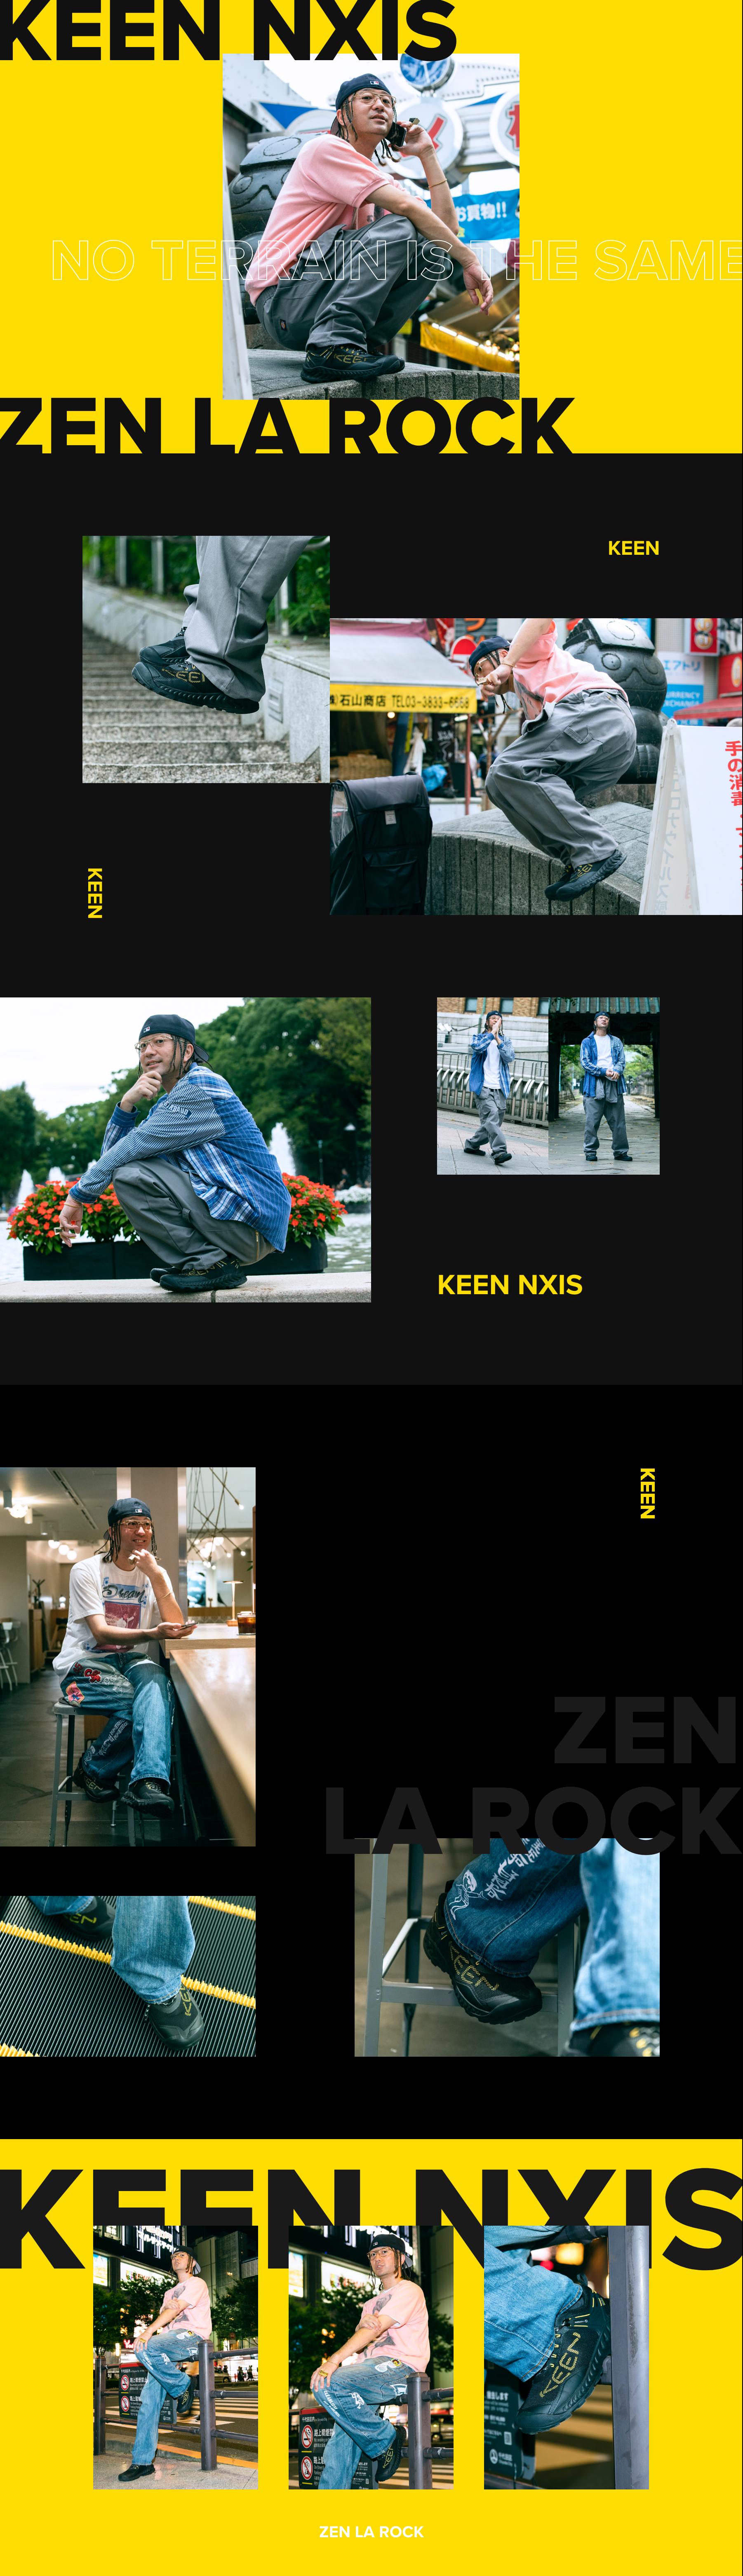 KEEN NXIS